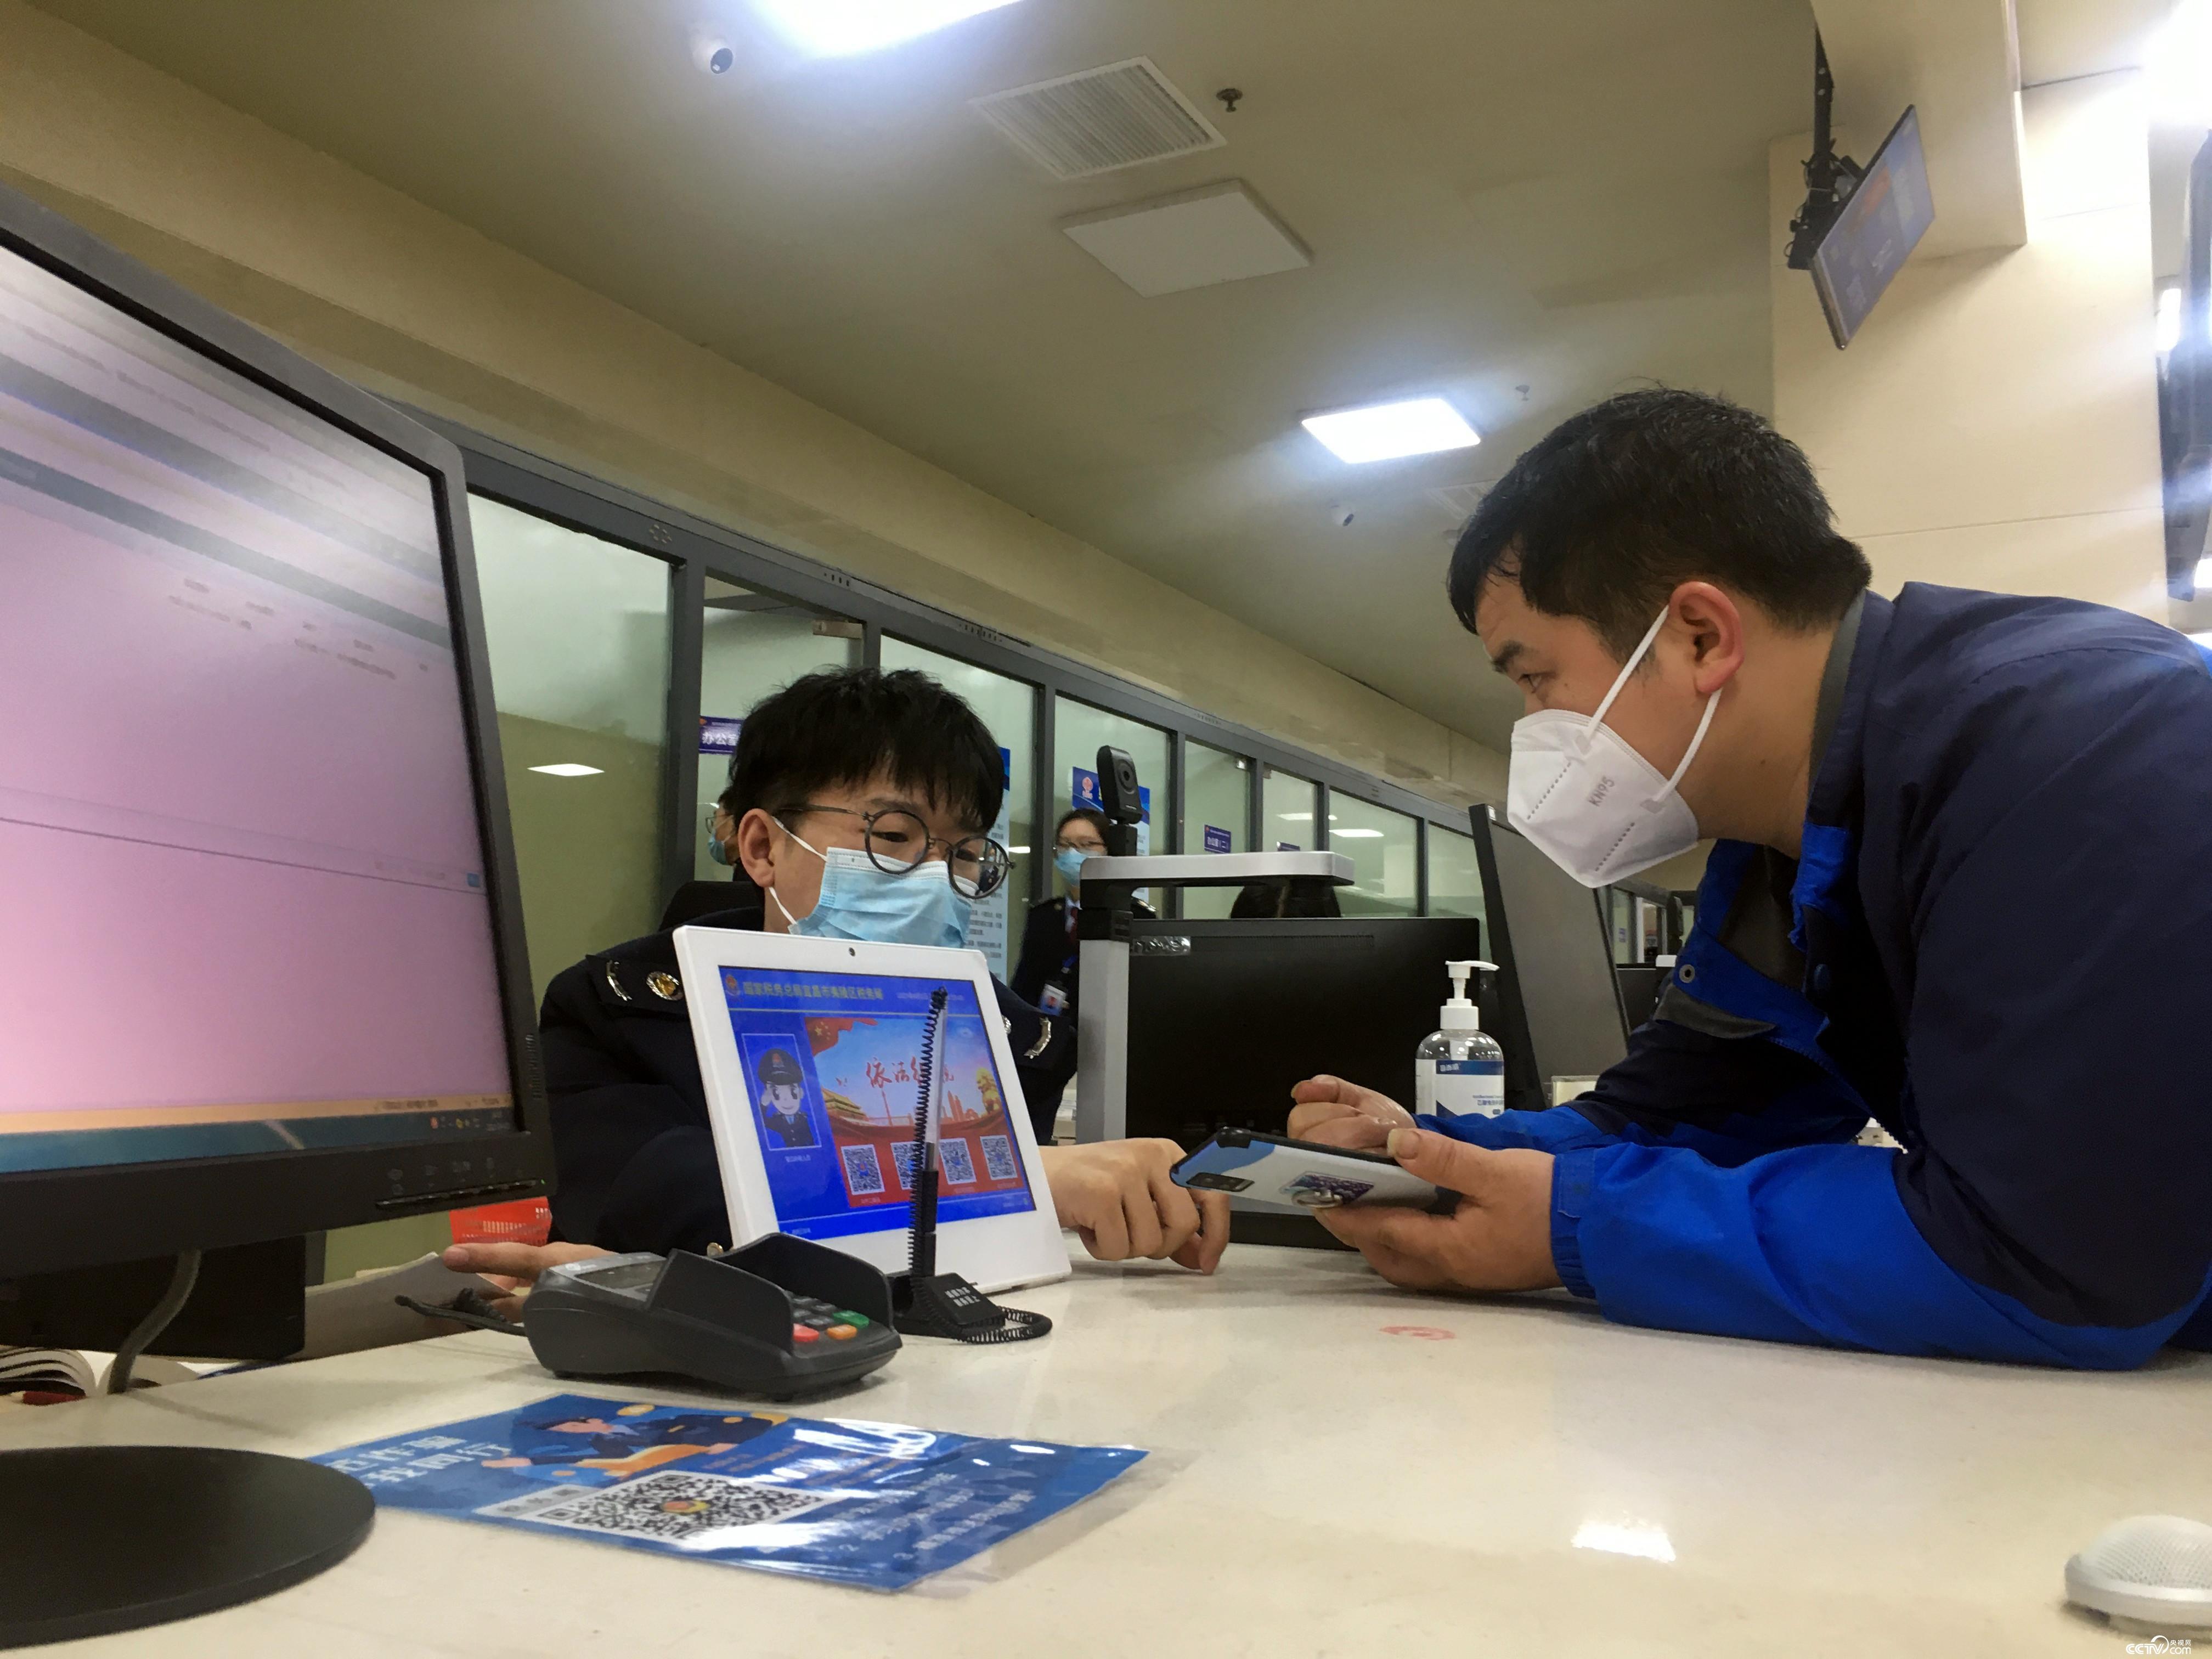 湖北宜昌市夷陵区政务服务中心内,市民向工作人员咨询相关事宜。